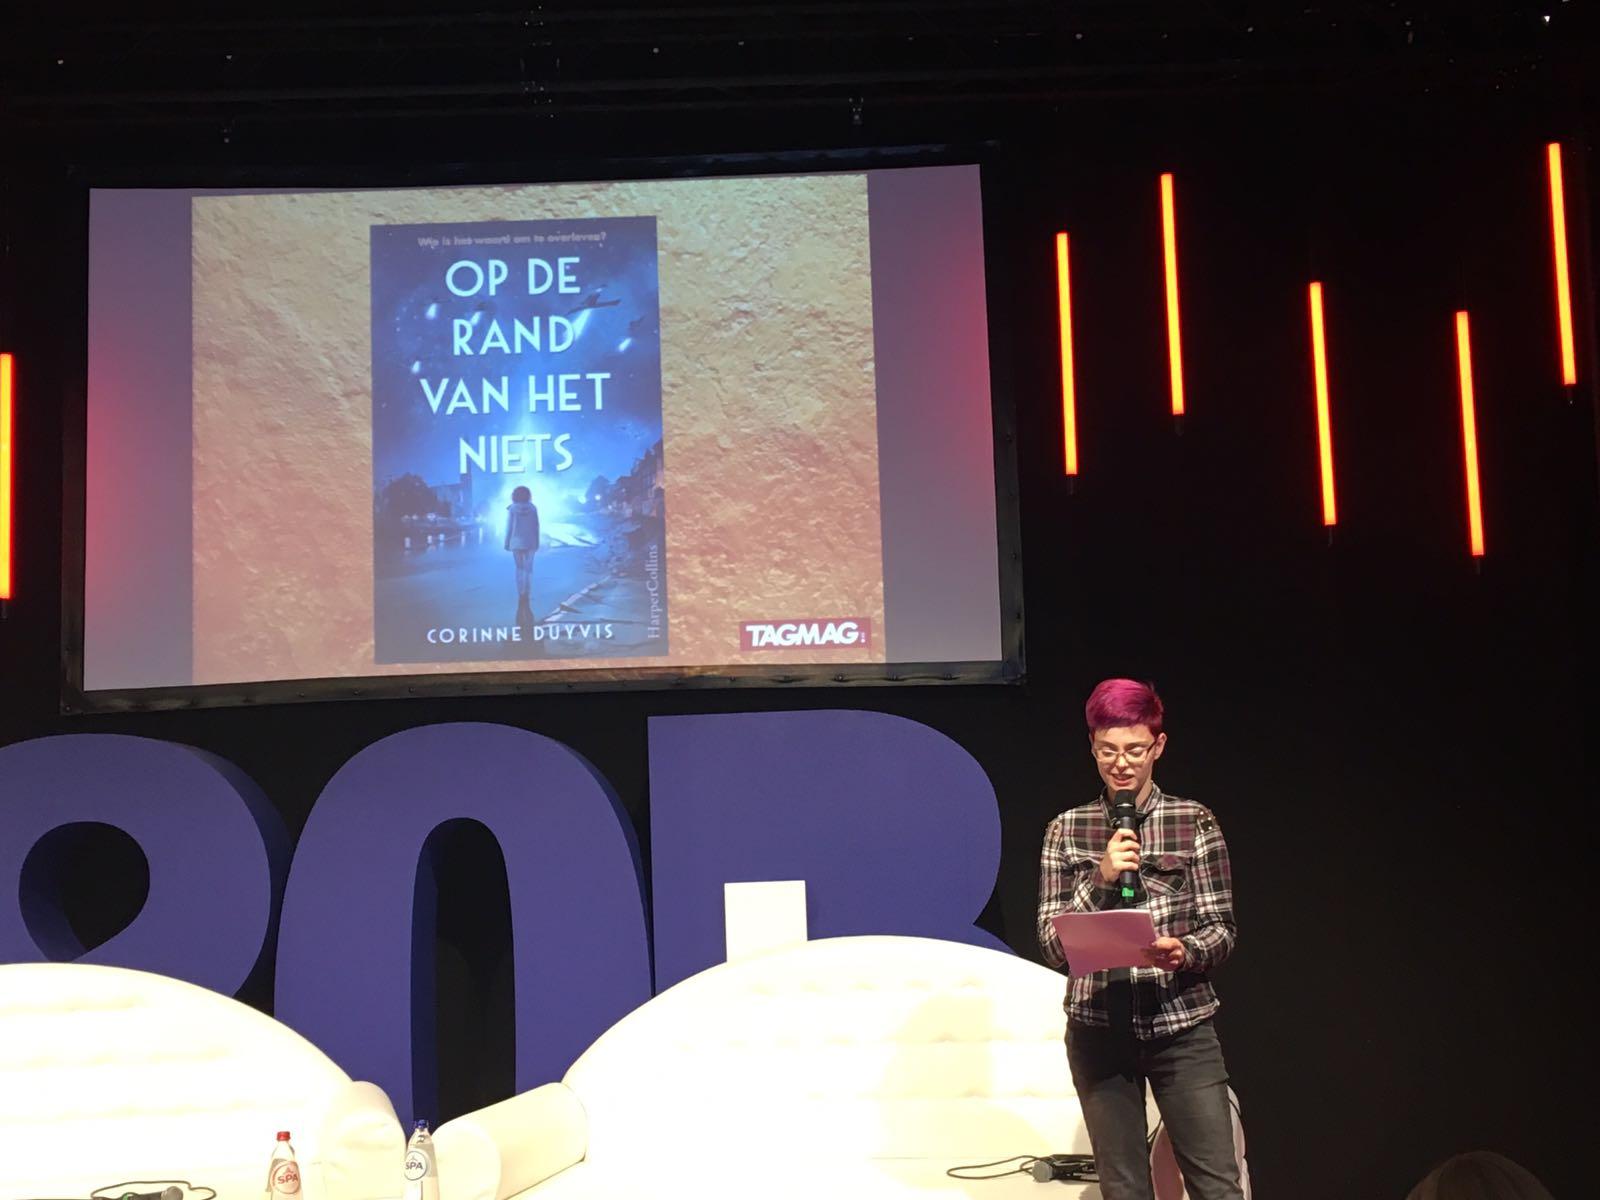 Corinne leest op een podium voor uit haar boek; achter haar wordt de omslag geprojecteerd op een scherm.